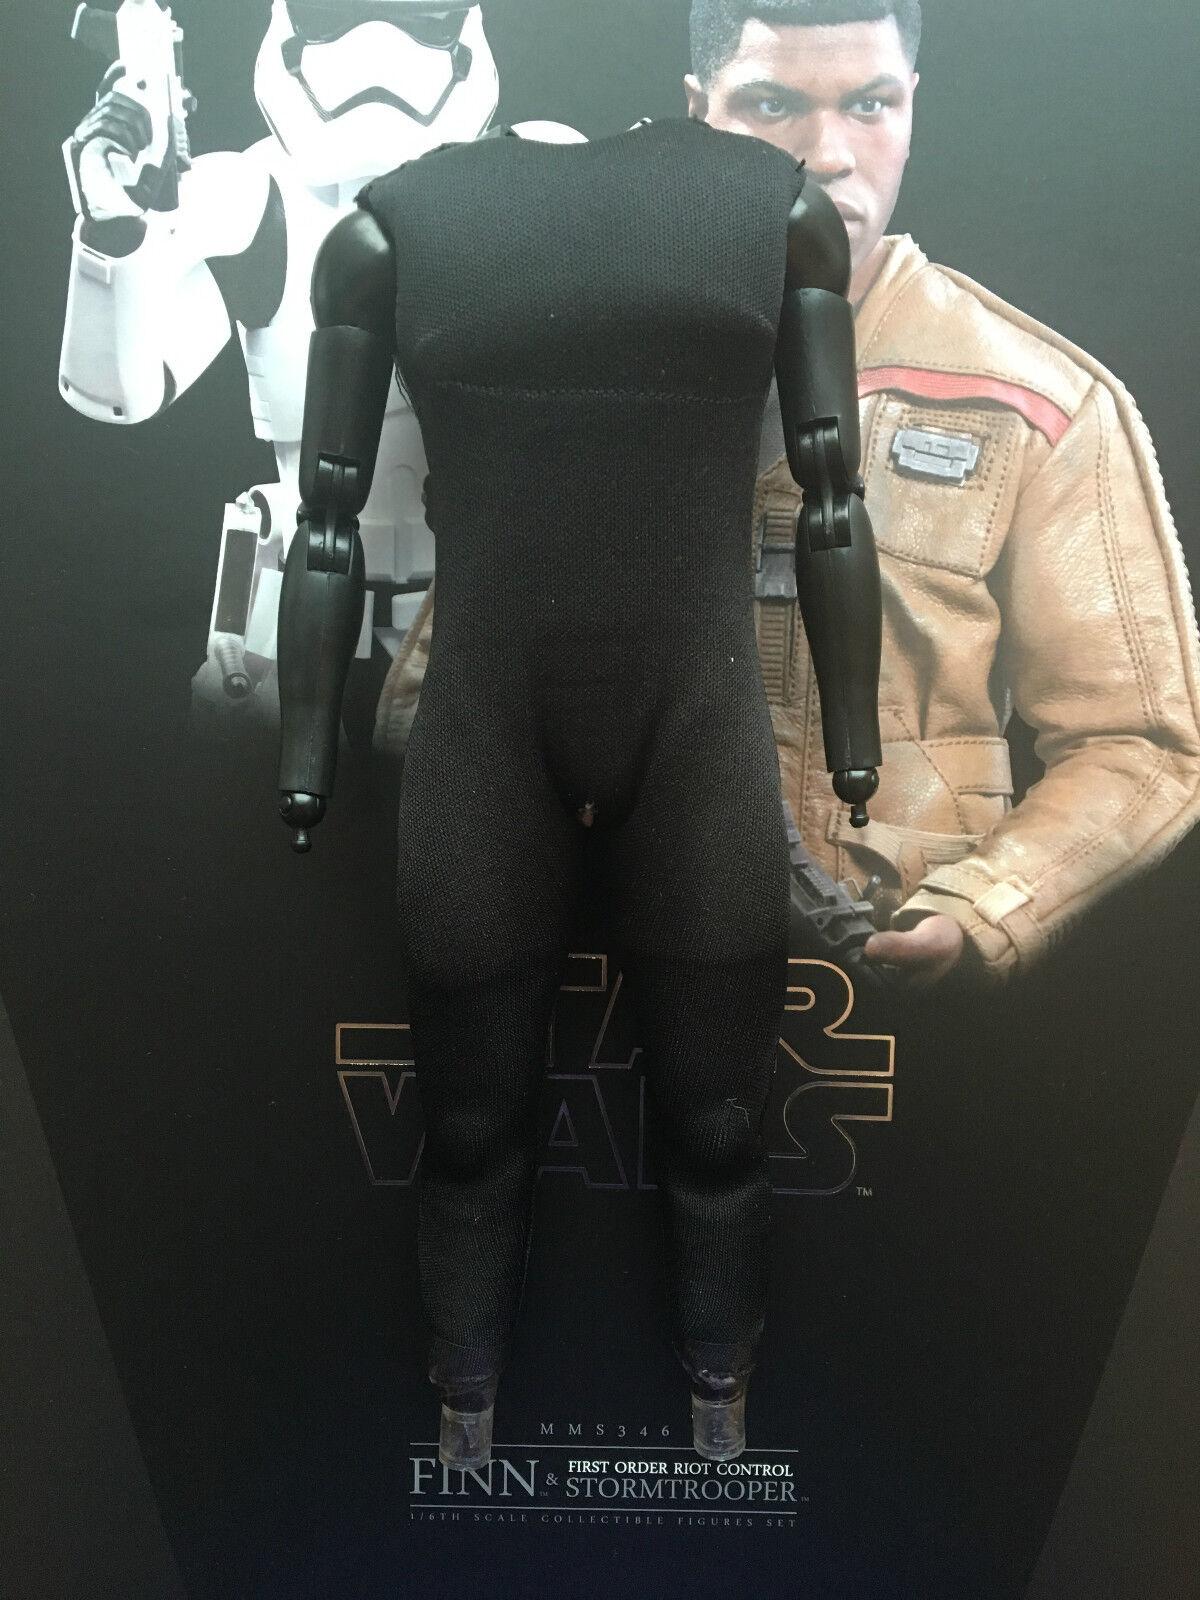 Caliente giocattoli estrella guerras Forza si sveglia primo ordine  Riot Trooper corpo scala 1 6th  100% di contro garanzia genuina